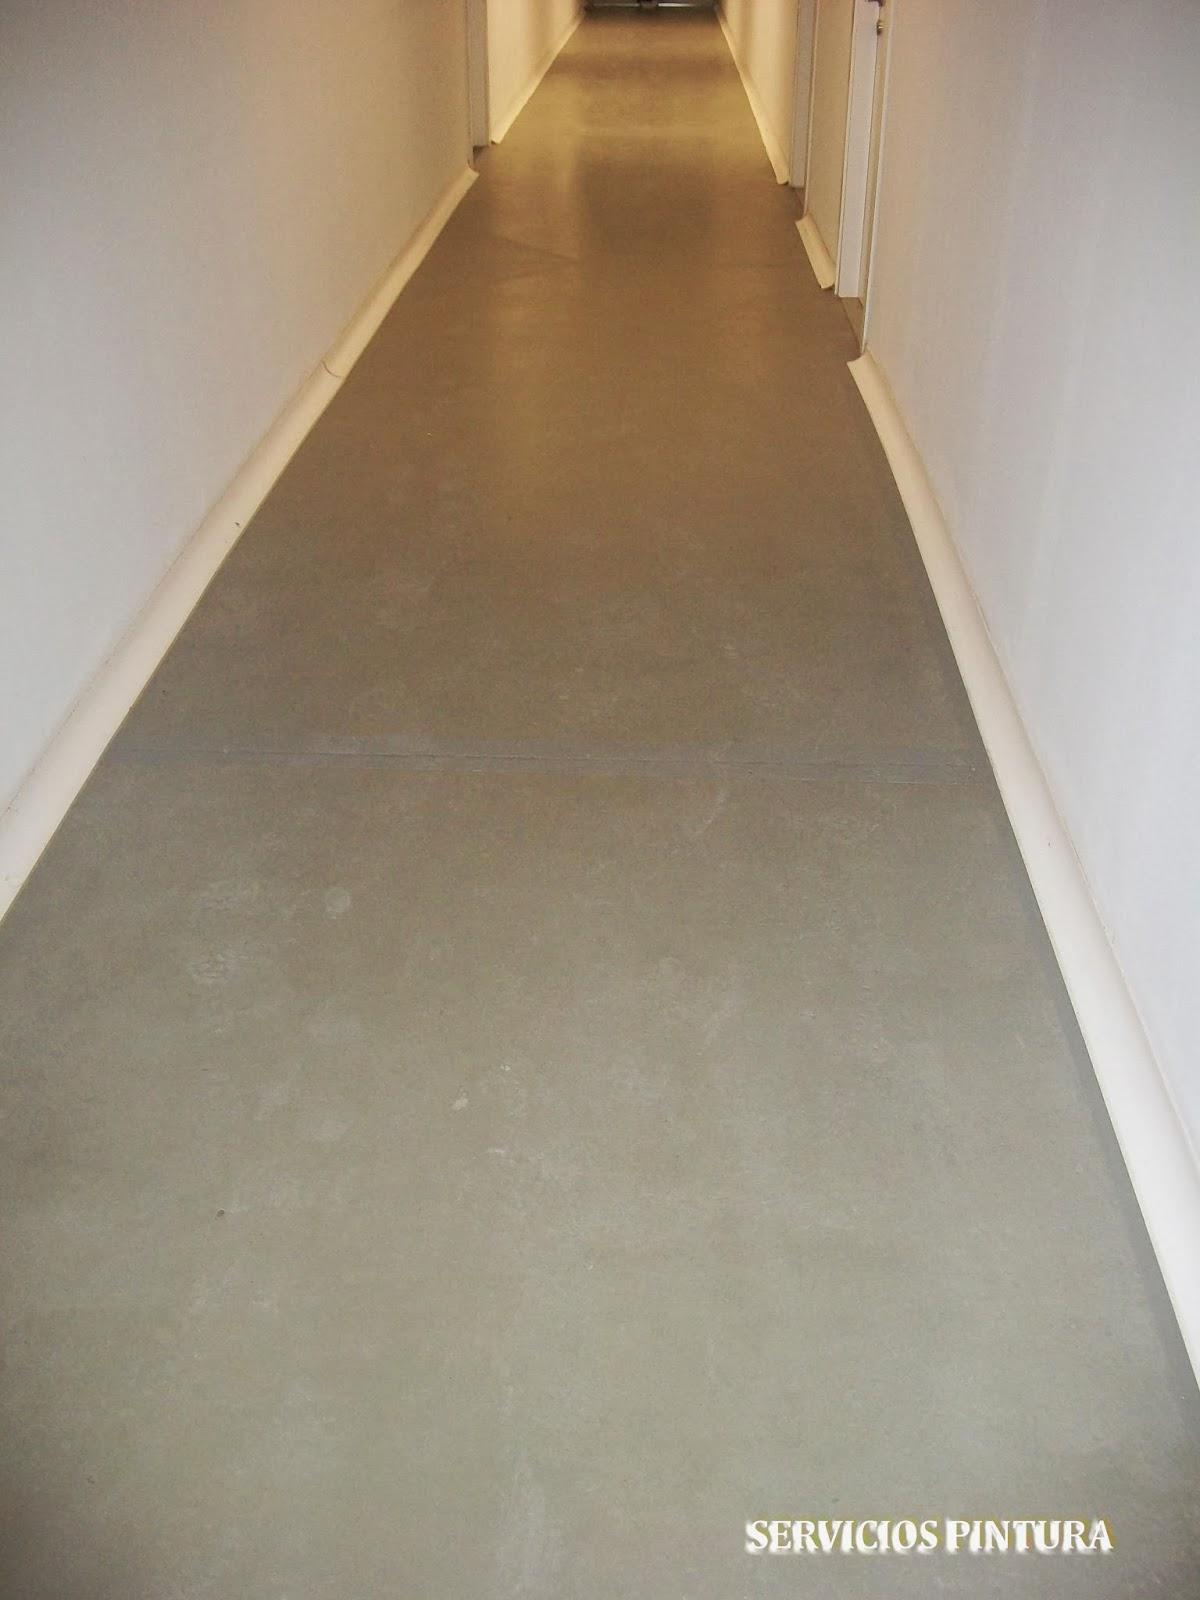 Servicios de pintura en zaragoza pintado suelo de nave industrial - Pintura de suelos ...